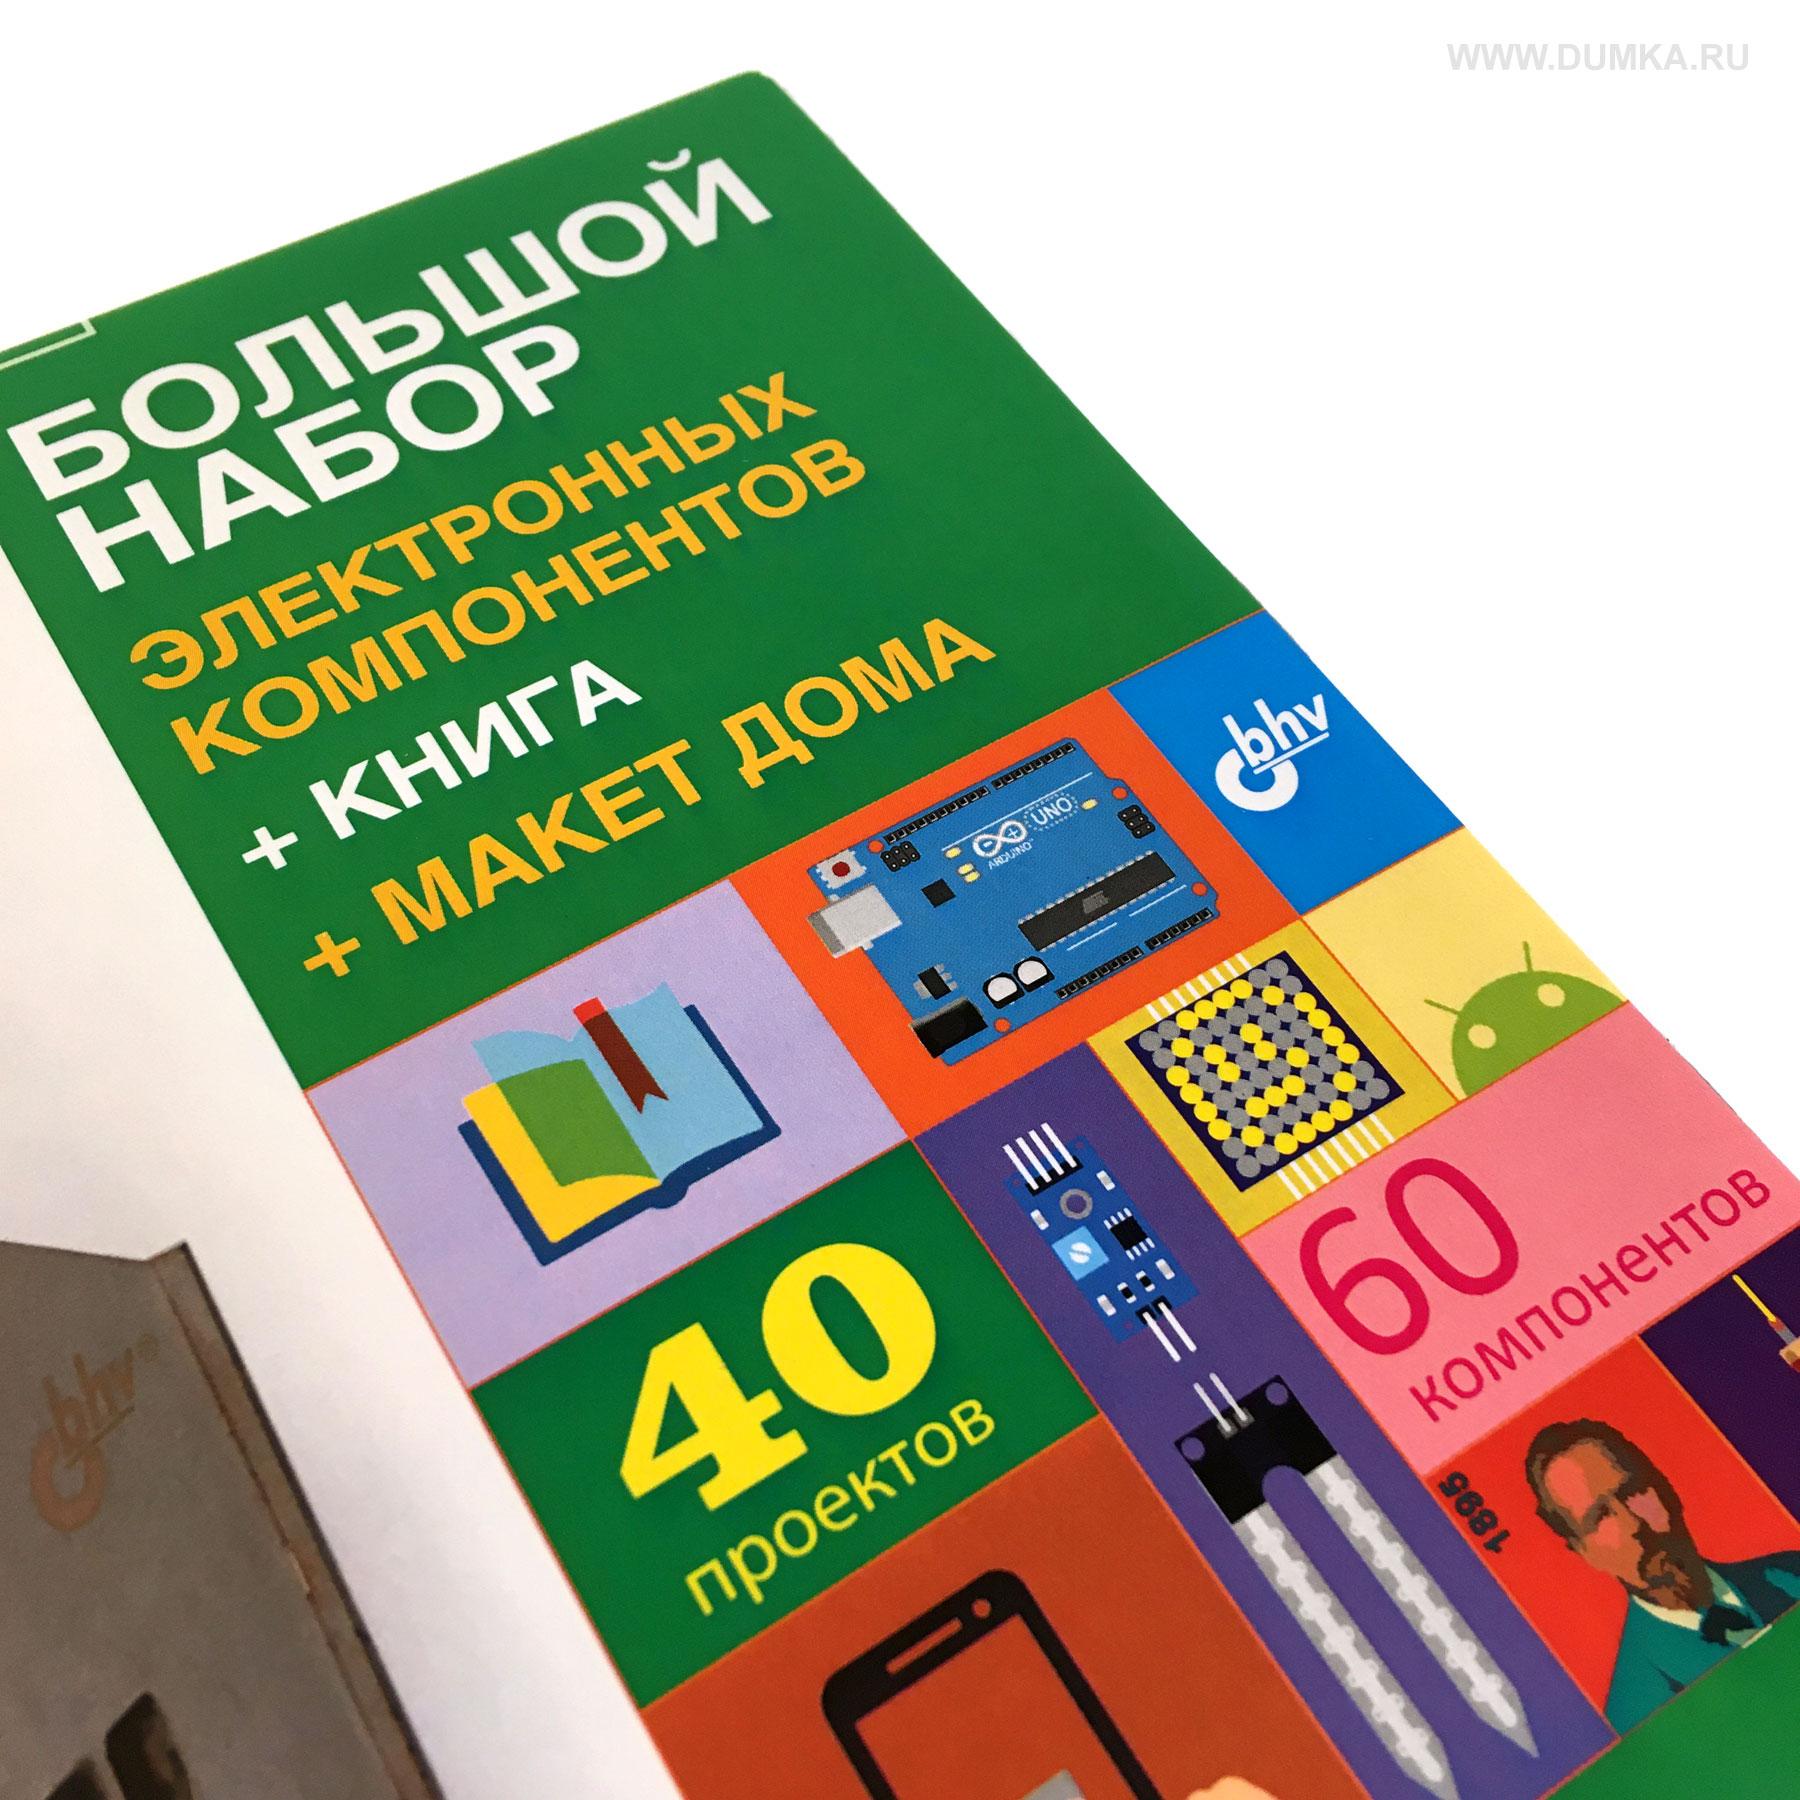 nabor-po-elektronike-umnyi-dom-na-baze-arduino-foto-tdx-978-5-9775-6608-7-03.jpg